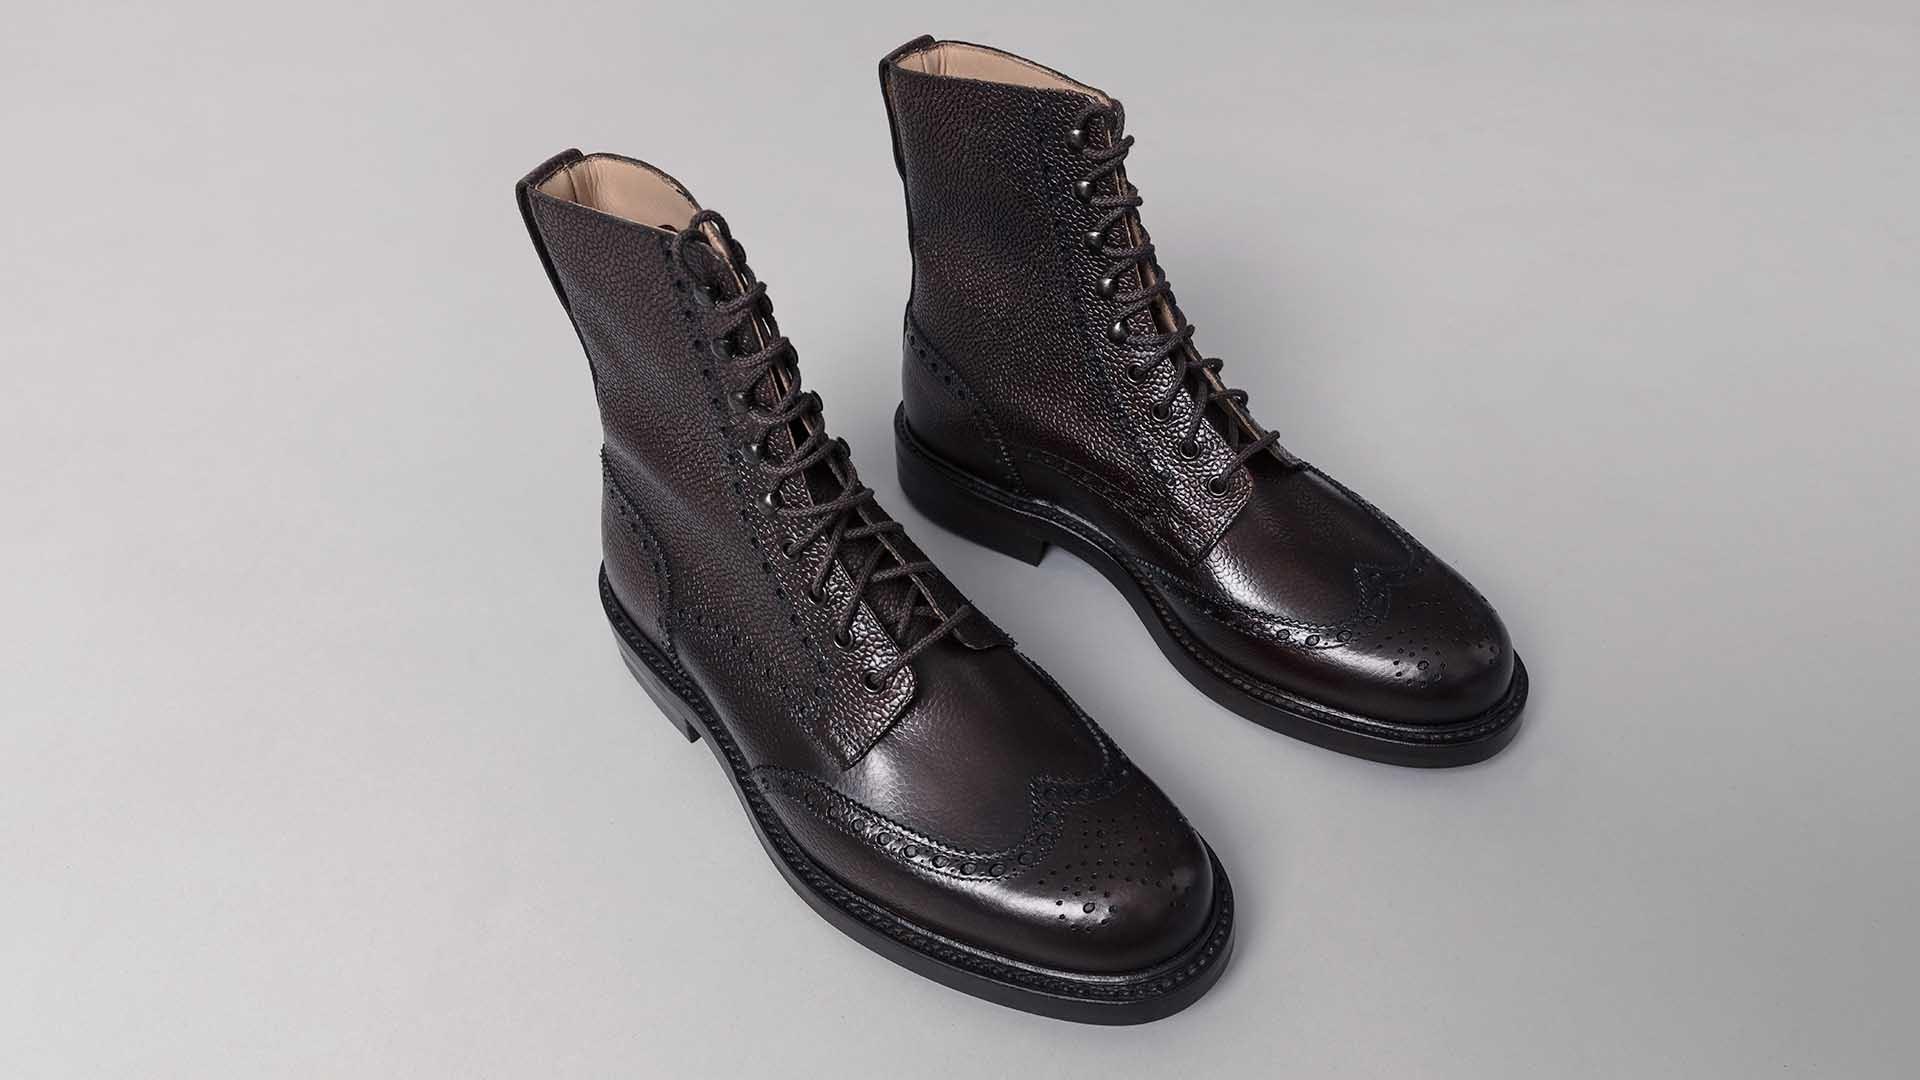 Crockett & Jones Islay boots